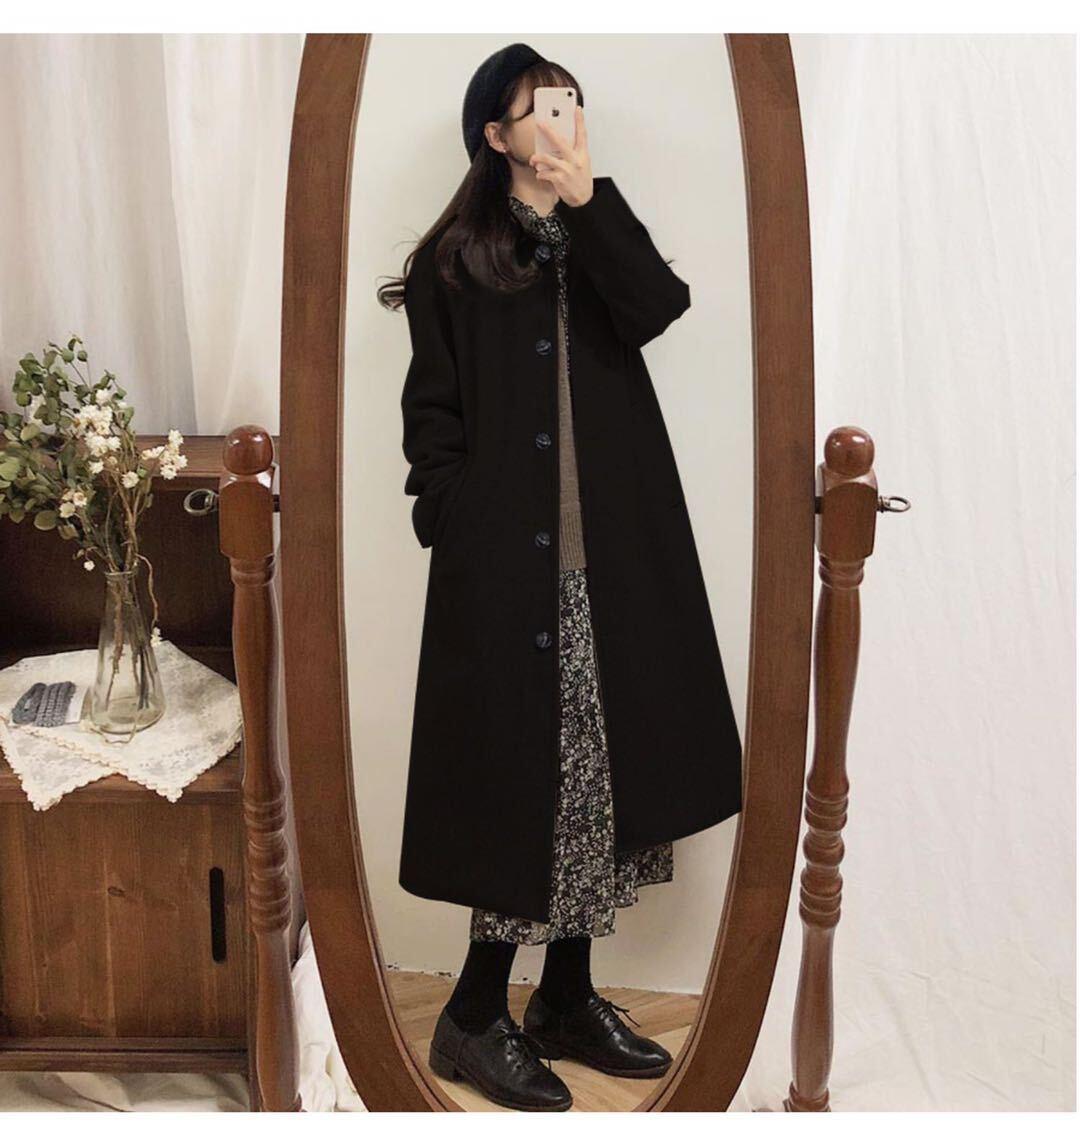 ヘップバーンブラックコート【Hepburn black cort】